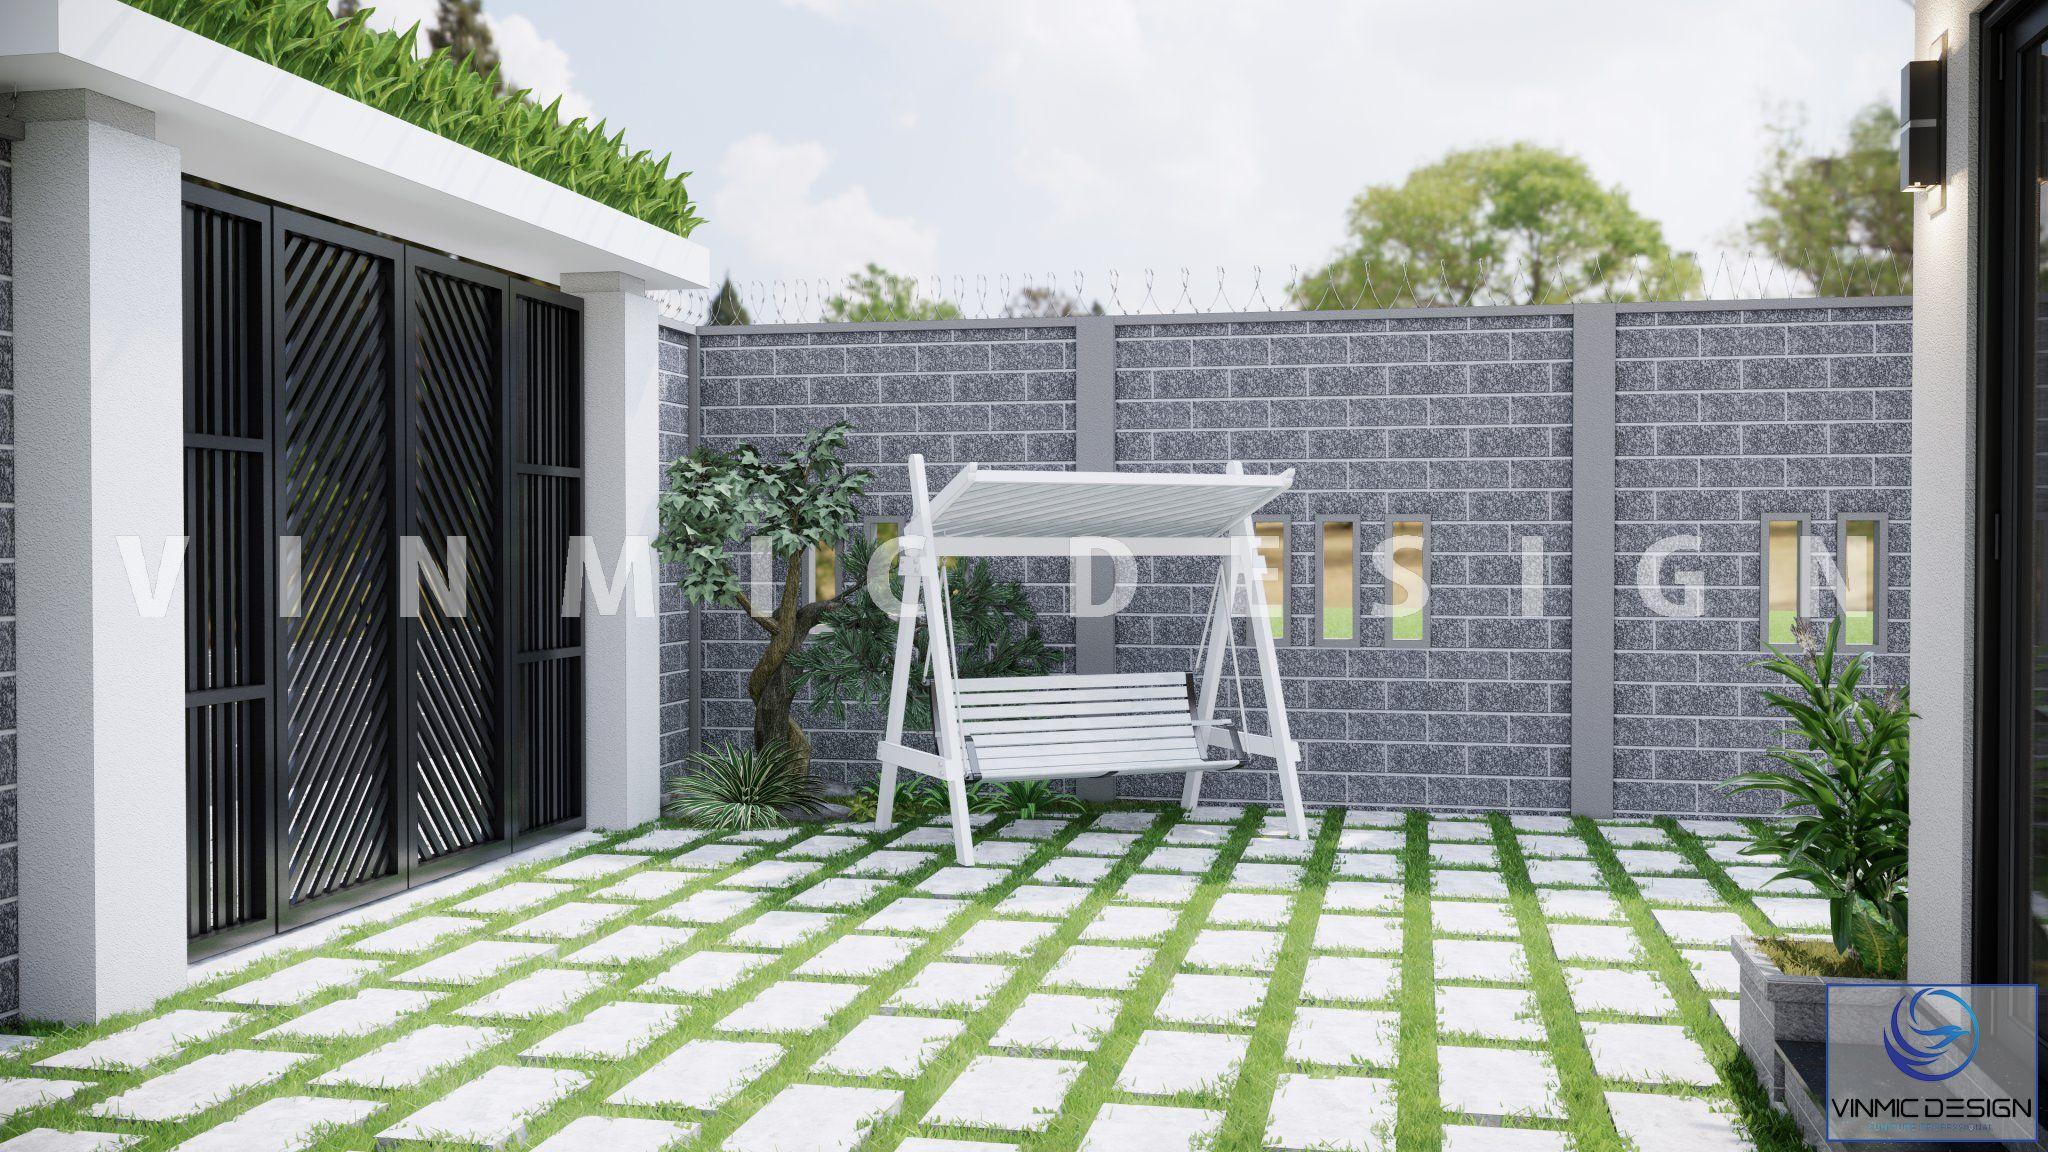 Thiết kế sân bằng loại gạch cao cấp, tone màu trung tính nhẹ nhàng nhưng không kém phần tinh tế tại căn nhà vườn phố Kim Sơn - Ninh Bình